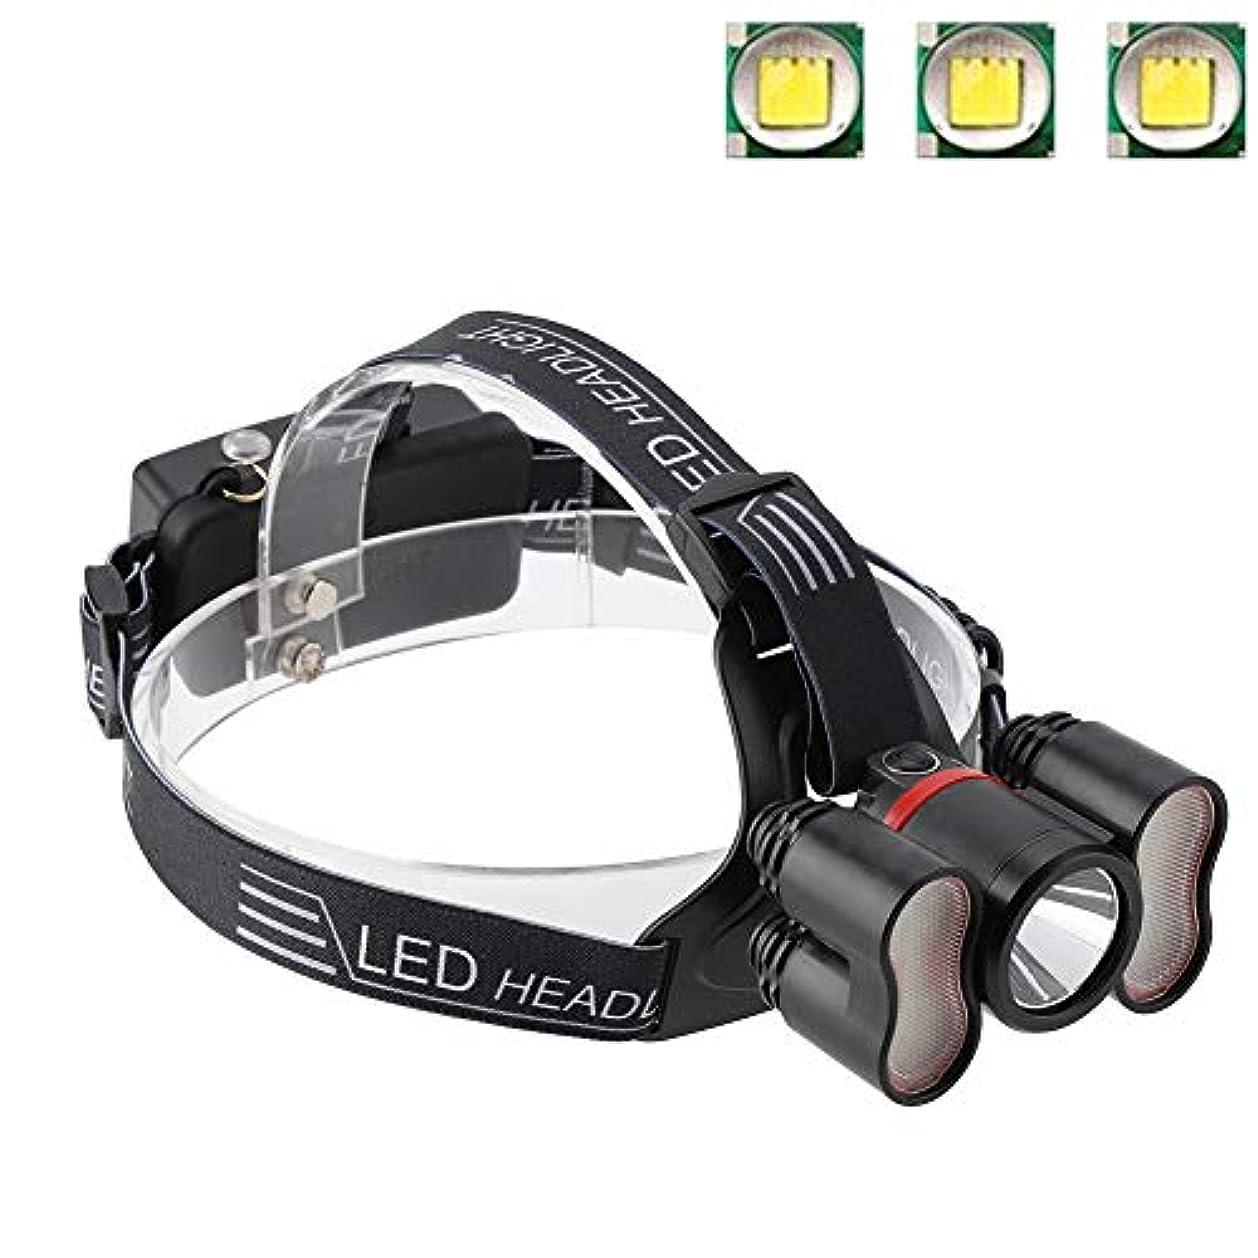 どっち熱心ほとんどの場合ヘッドライト懐中電灯、2000LMヘッドライト18650 LED USB充電式防水トラベルヘッドトーチキャンプランプランニングハイキング釣りに適して(#1)